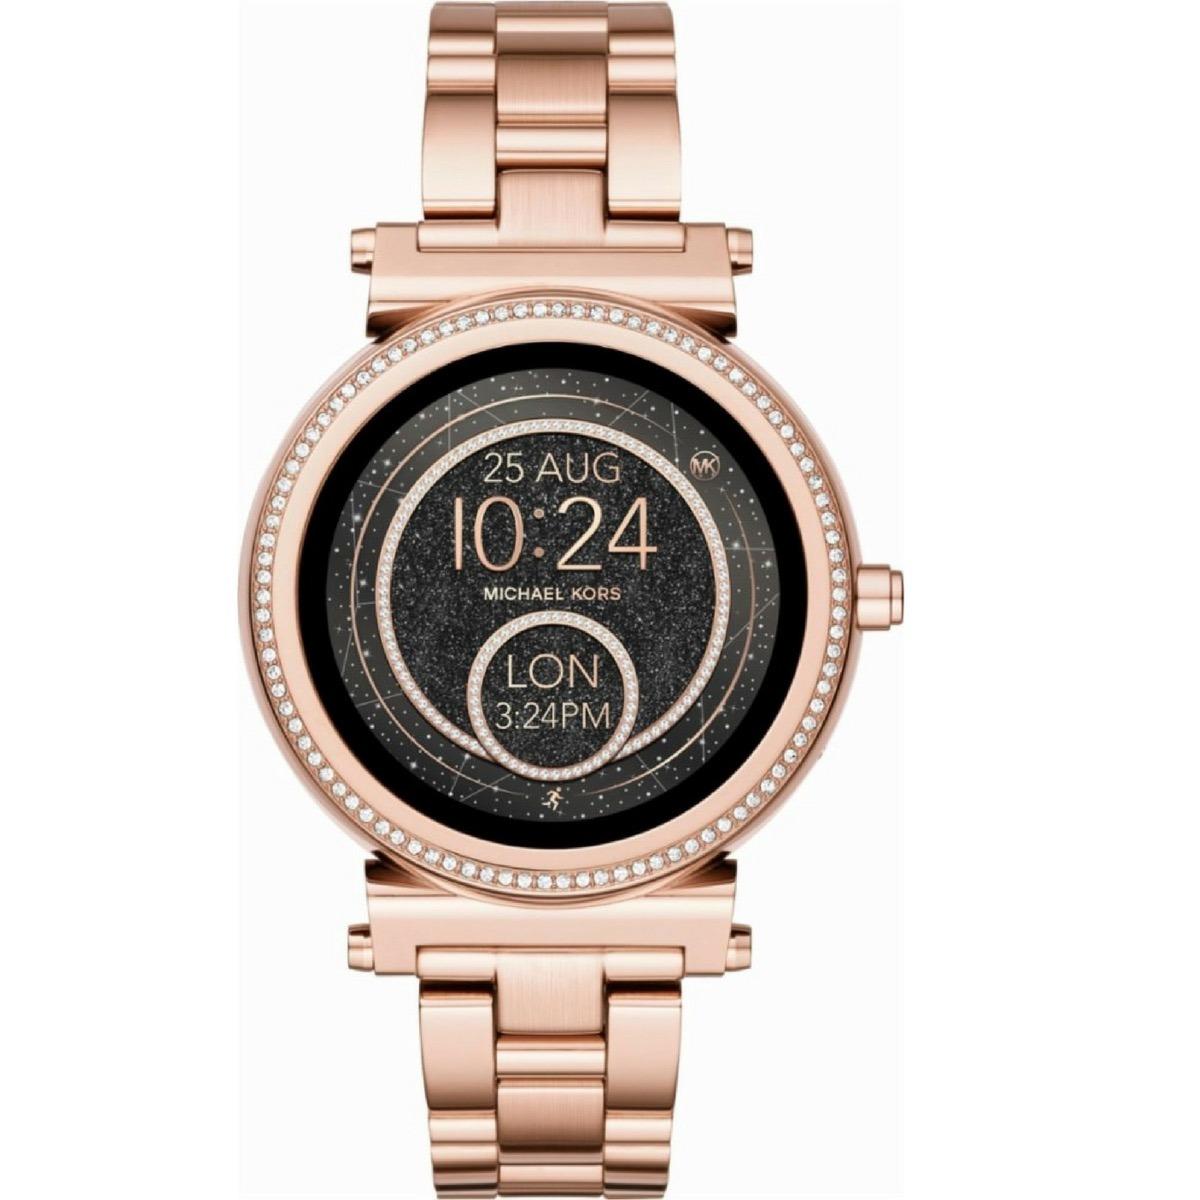 38b2da776a5c0 relógio michael kors access mkt5022 sofie nova geração. Carregando zoom.